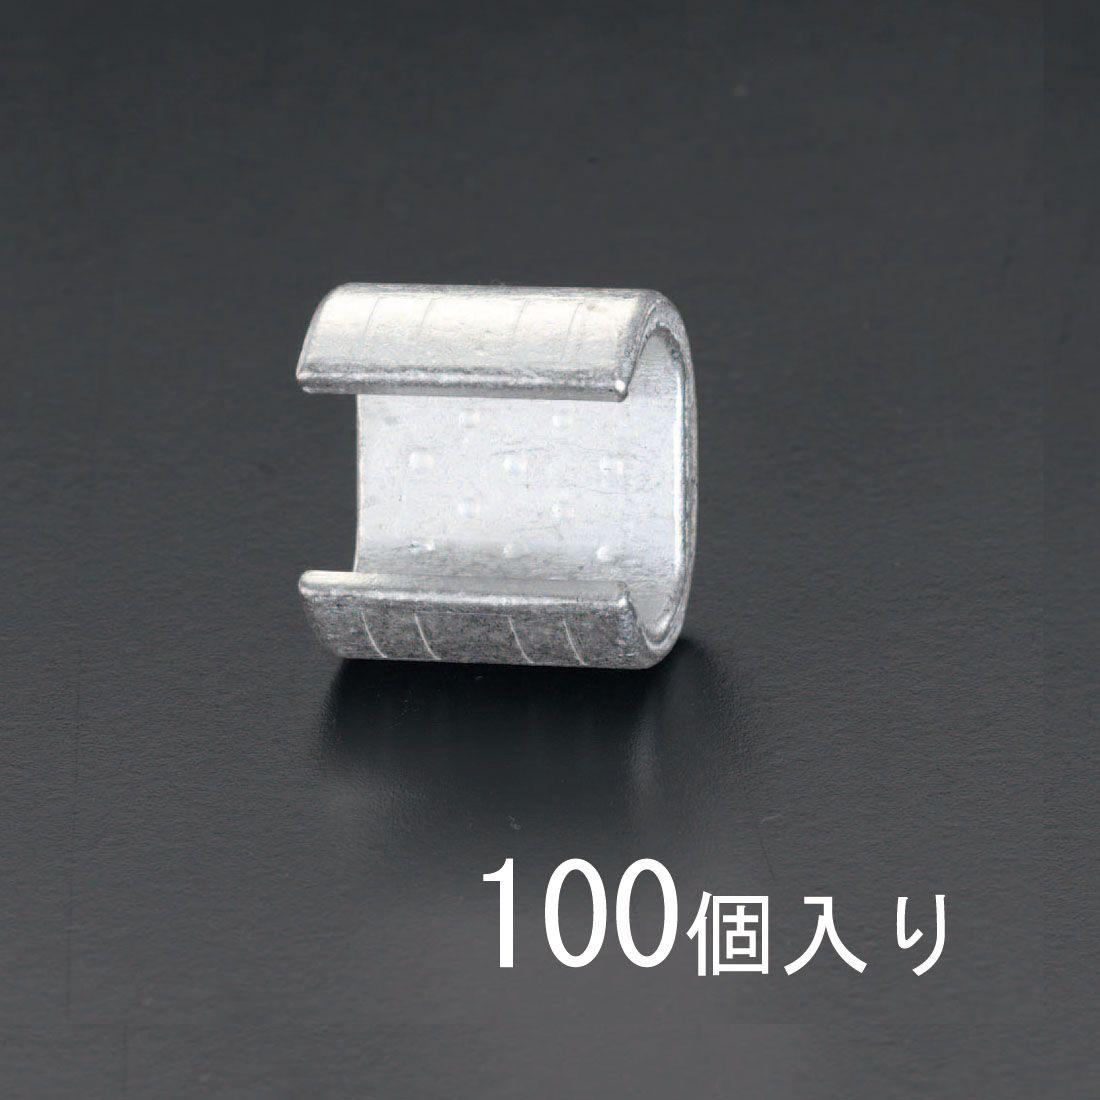 【メーカー在庫あり】 エスコ ESCO 21.0-26.0mm2 T形コネクター(100個) 000012027187 HD